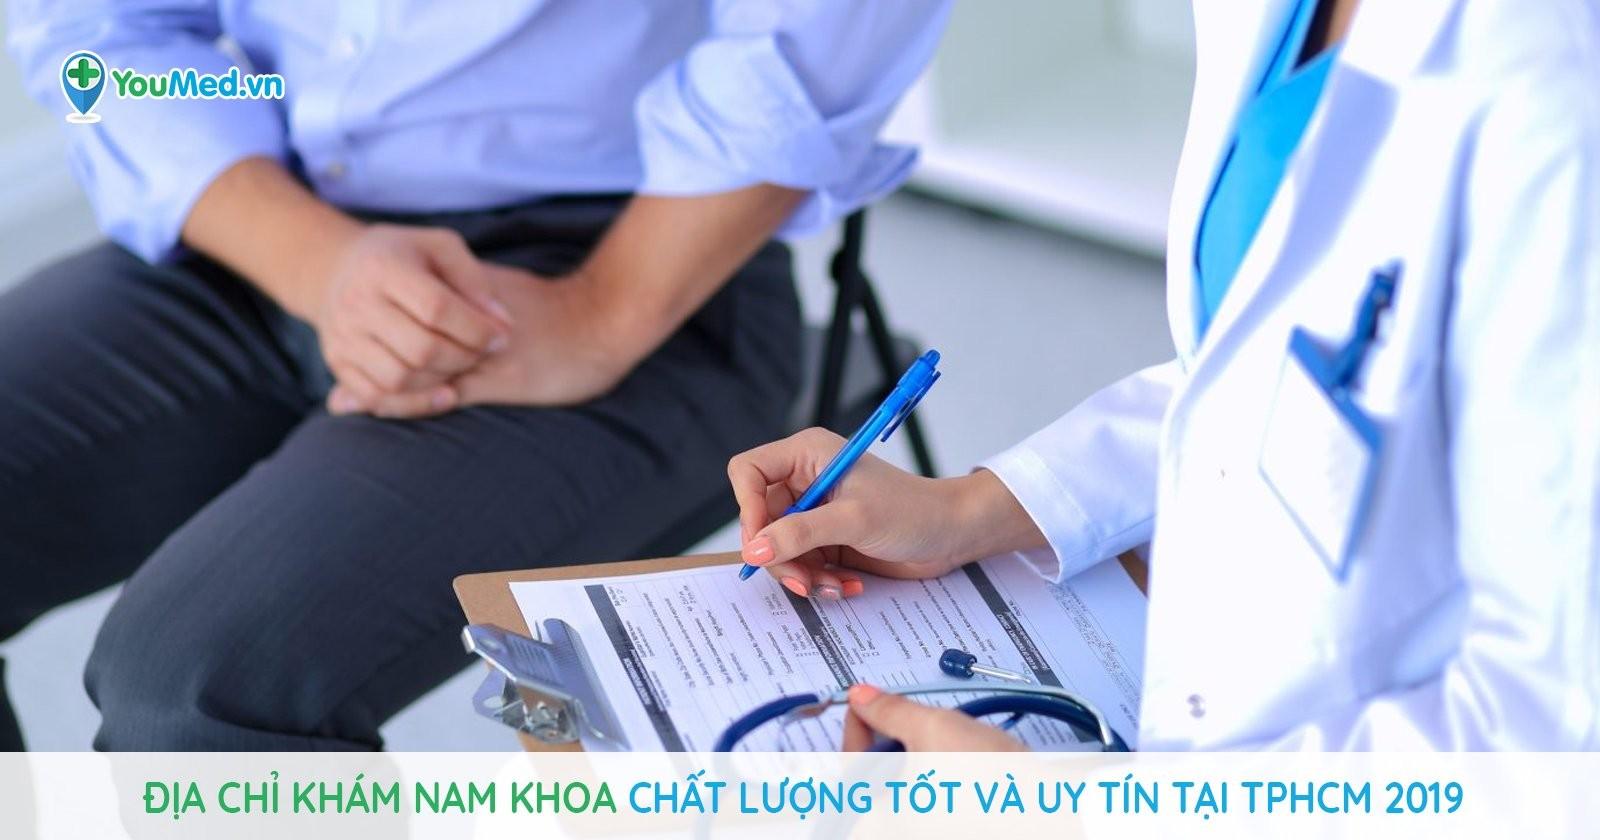 Giới thiệu một số địa chỉ khám Nam khoa chất lượng tốt và uy tín tại TP. HCM